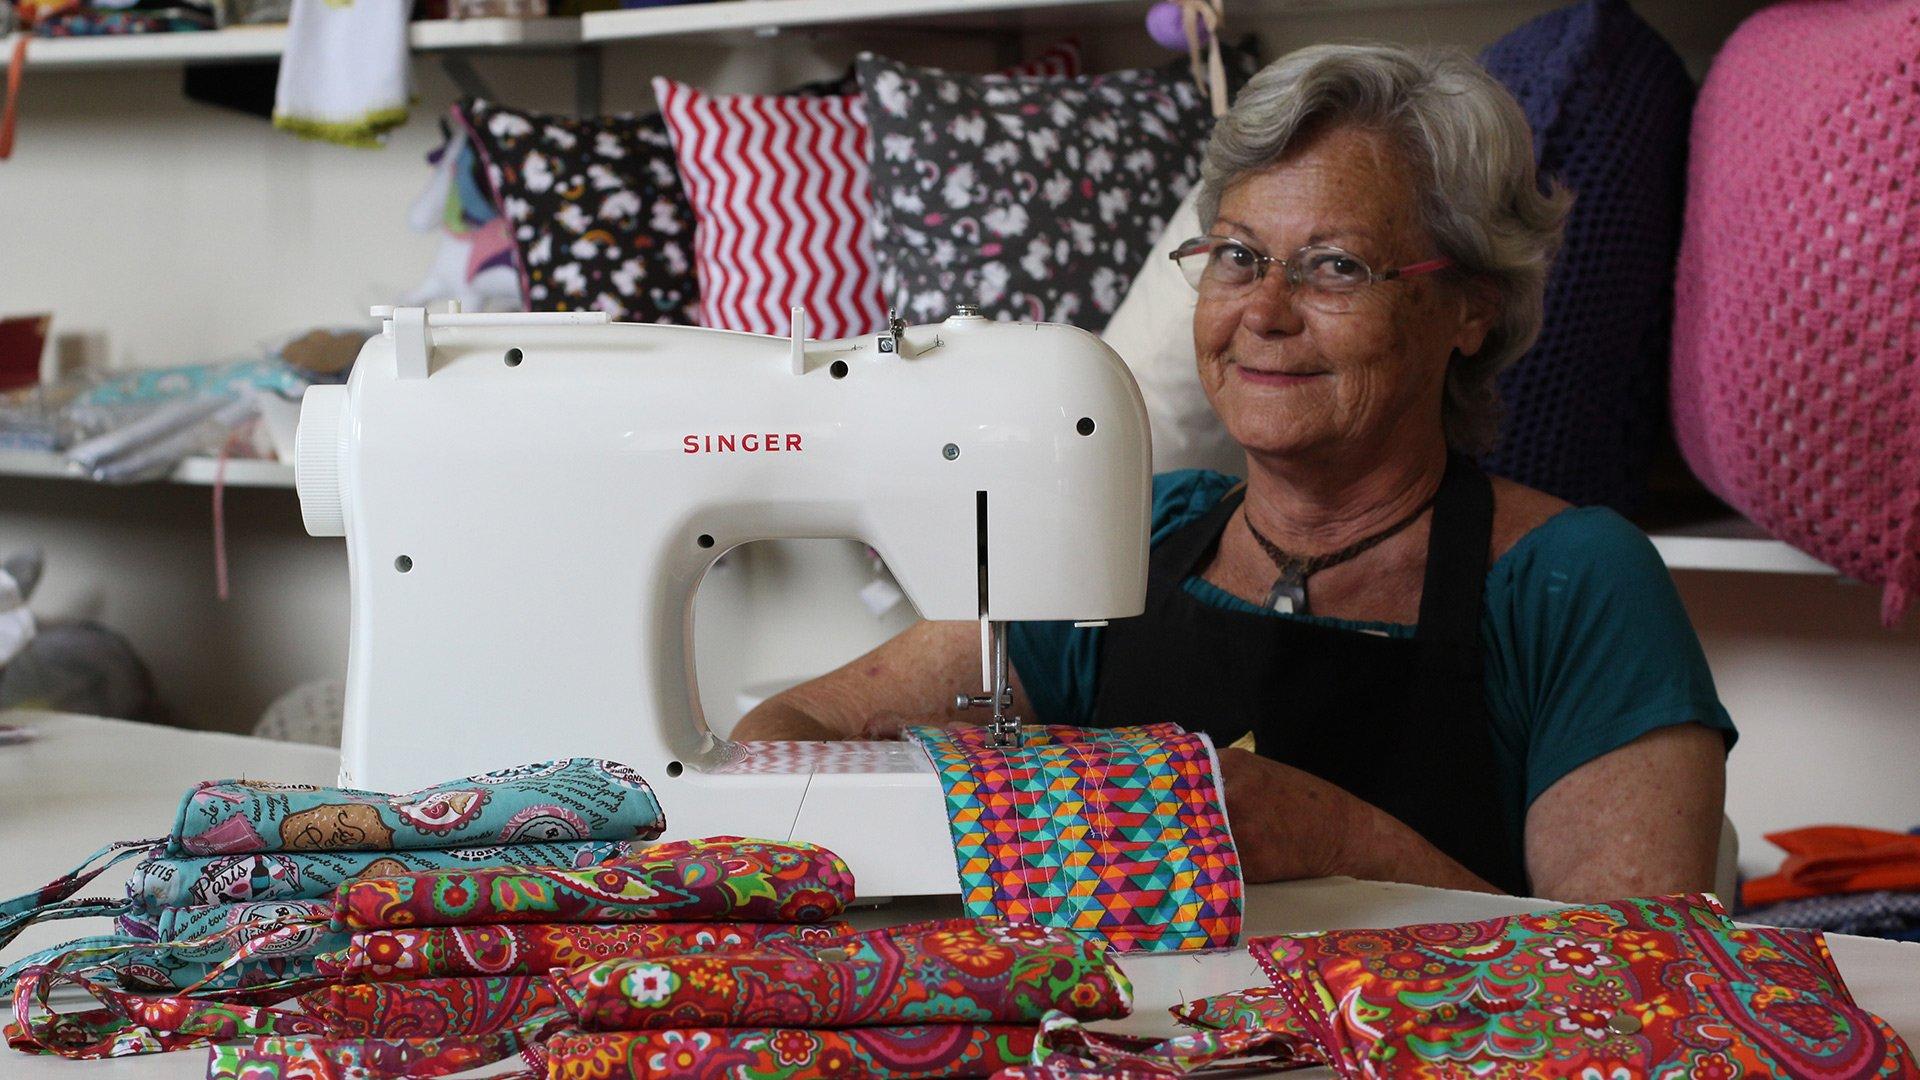 Singer realiza doação de máquinas de costura ao Armazém das Oficinas